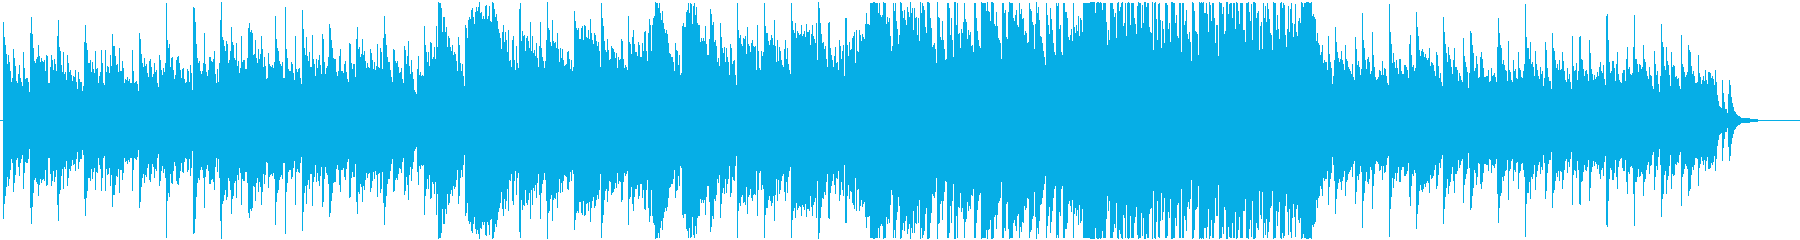 感動系 壮大なエピックオーケストラ①の再生済みの波形